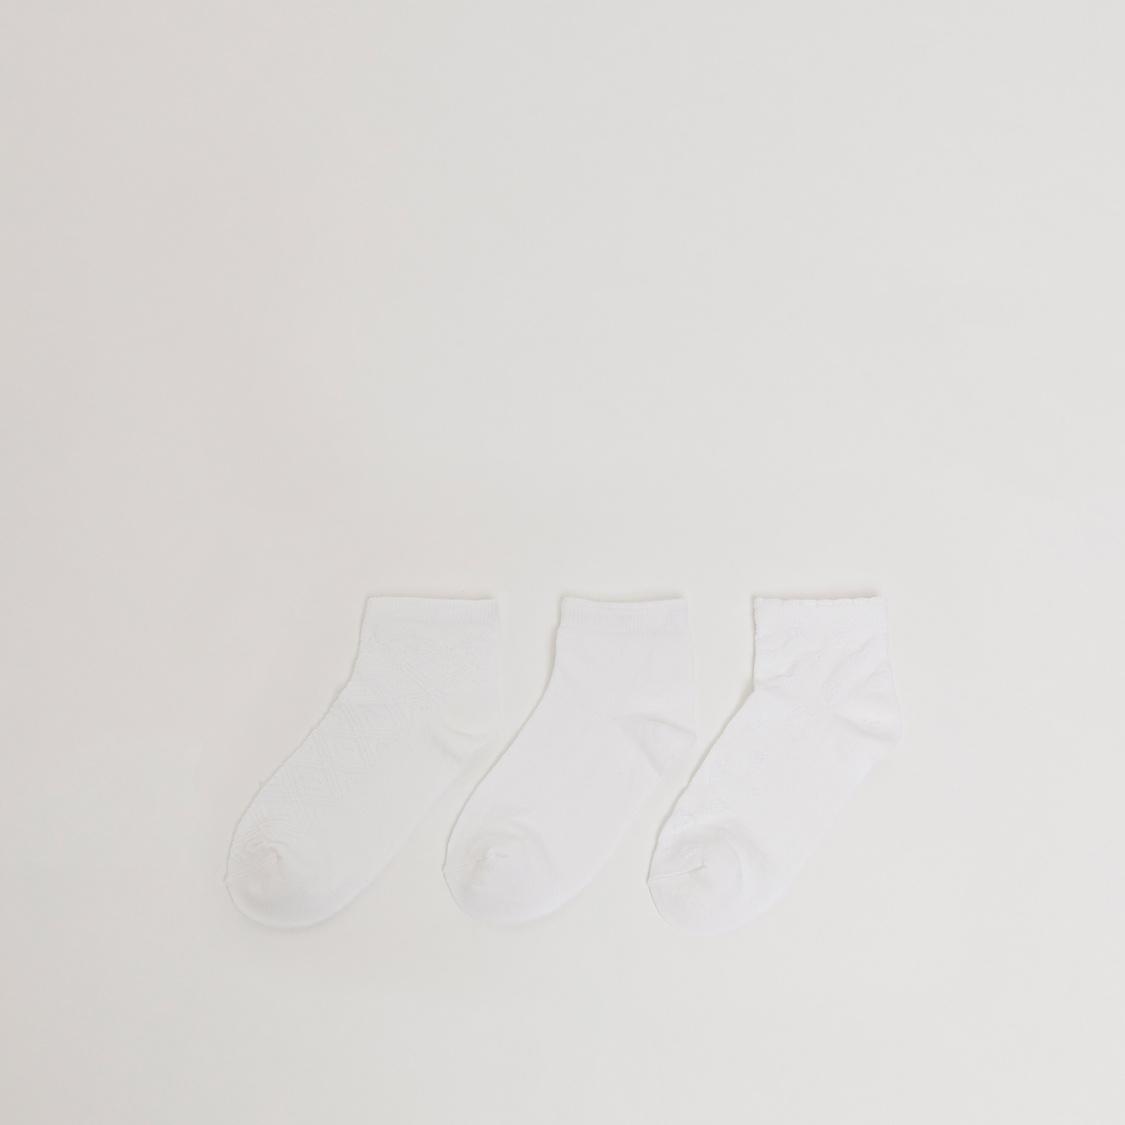 جوارب بارزة الملمس بطول الكاحل بحوّاف مطاطية - طقم من 3 أزواج